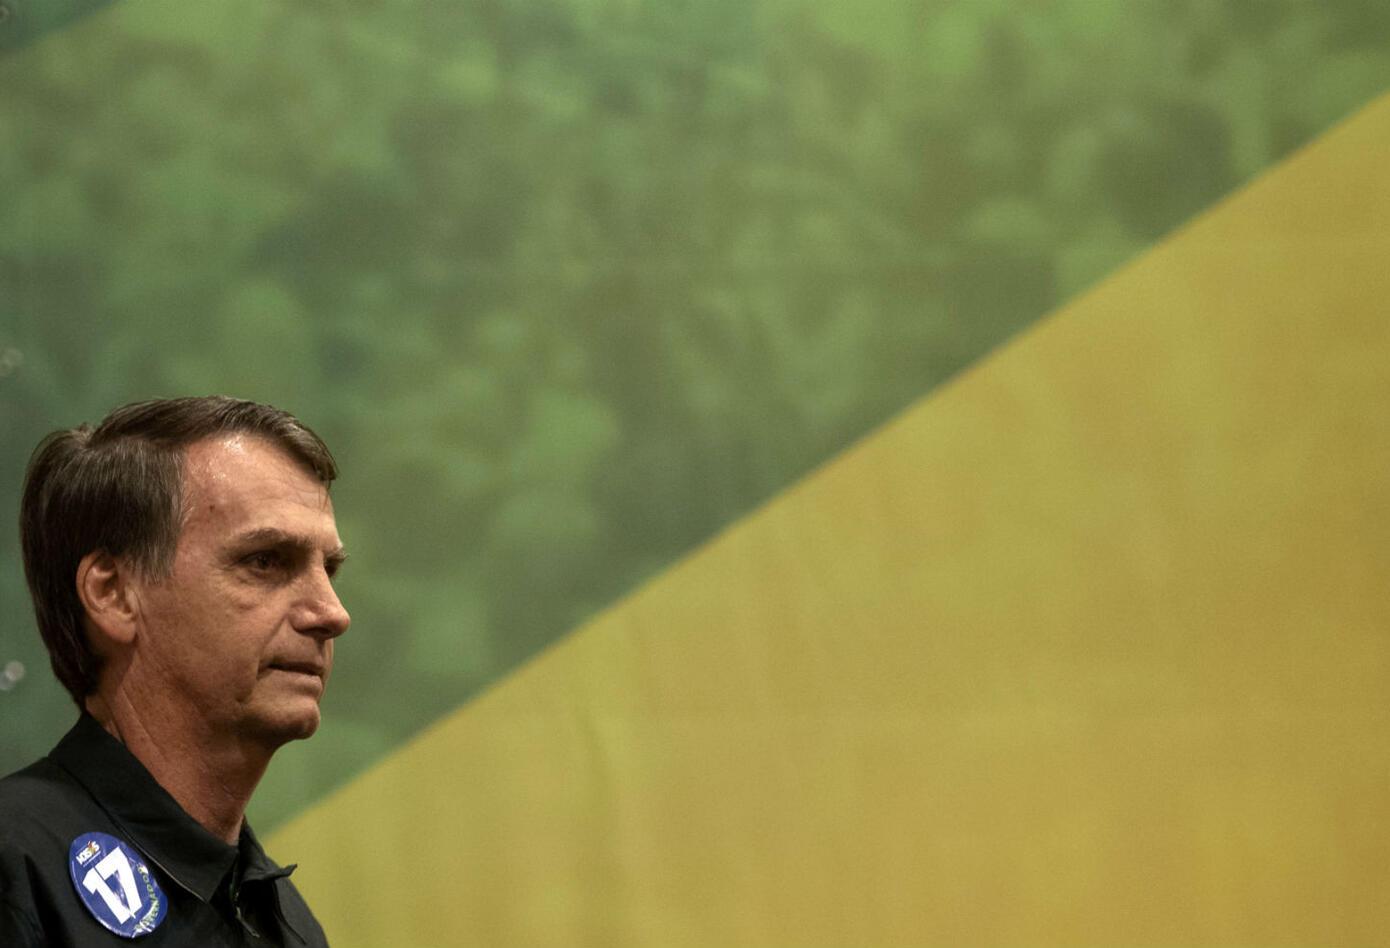 Los últimos sondeos para el balotaje del domingo dan a Bolsonaro, quien rozó la muerte en septiembre al ser apuñalado en un mitin, un 56% de apoyos frente al 44% de su rival de izquierda Fernando Haddad.